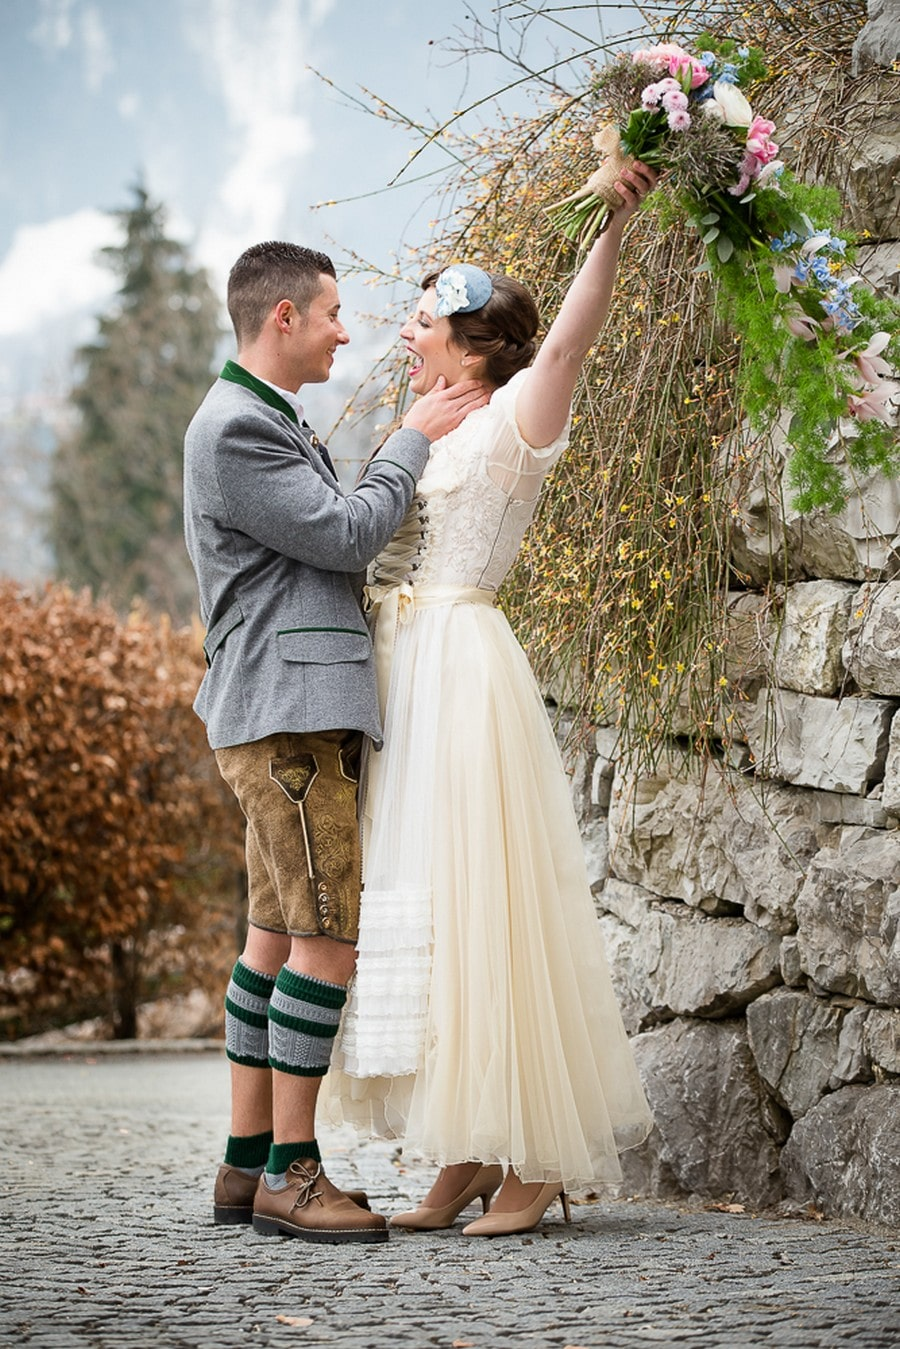 Großer Boho Brautstrauß in hängender Form